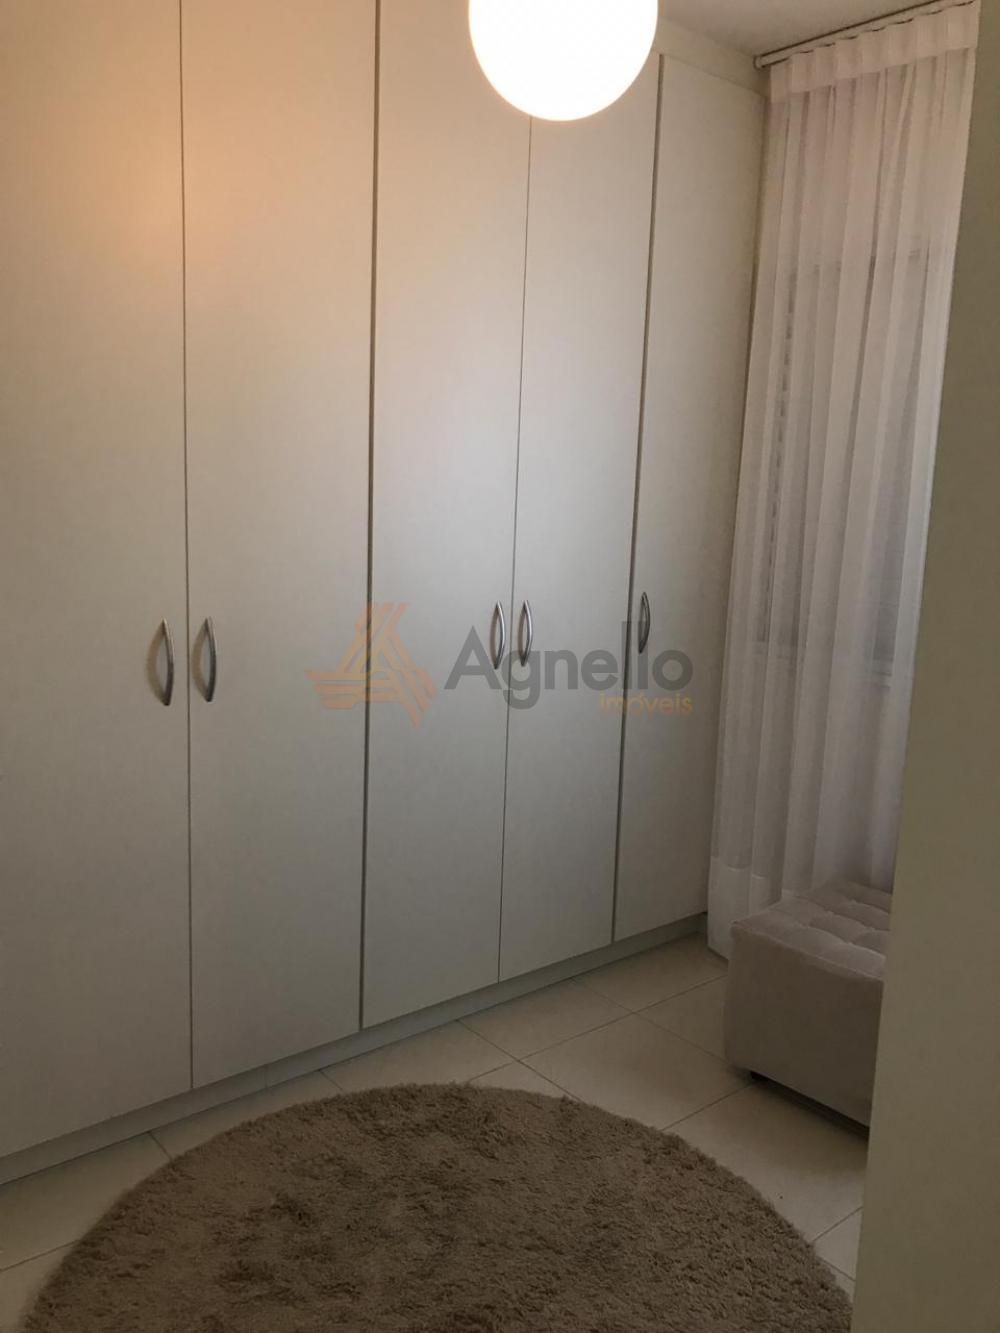 Comprar Casa / Condomínio em Franca R$ 650.000,00 - Foto 18